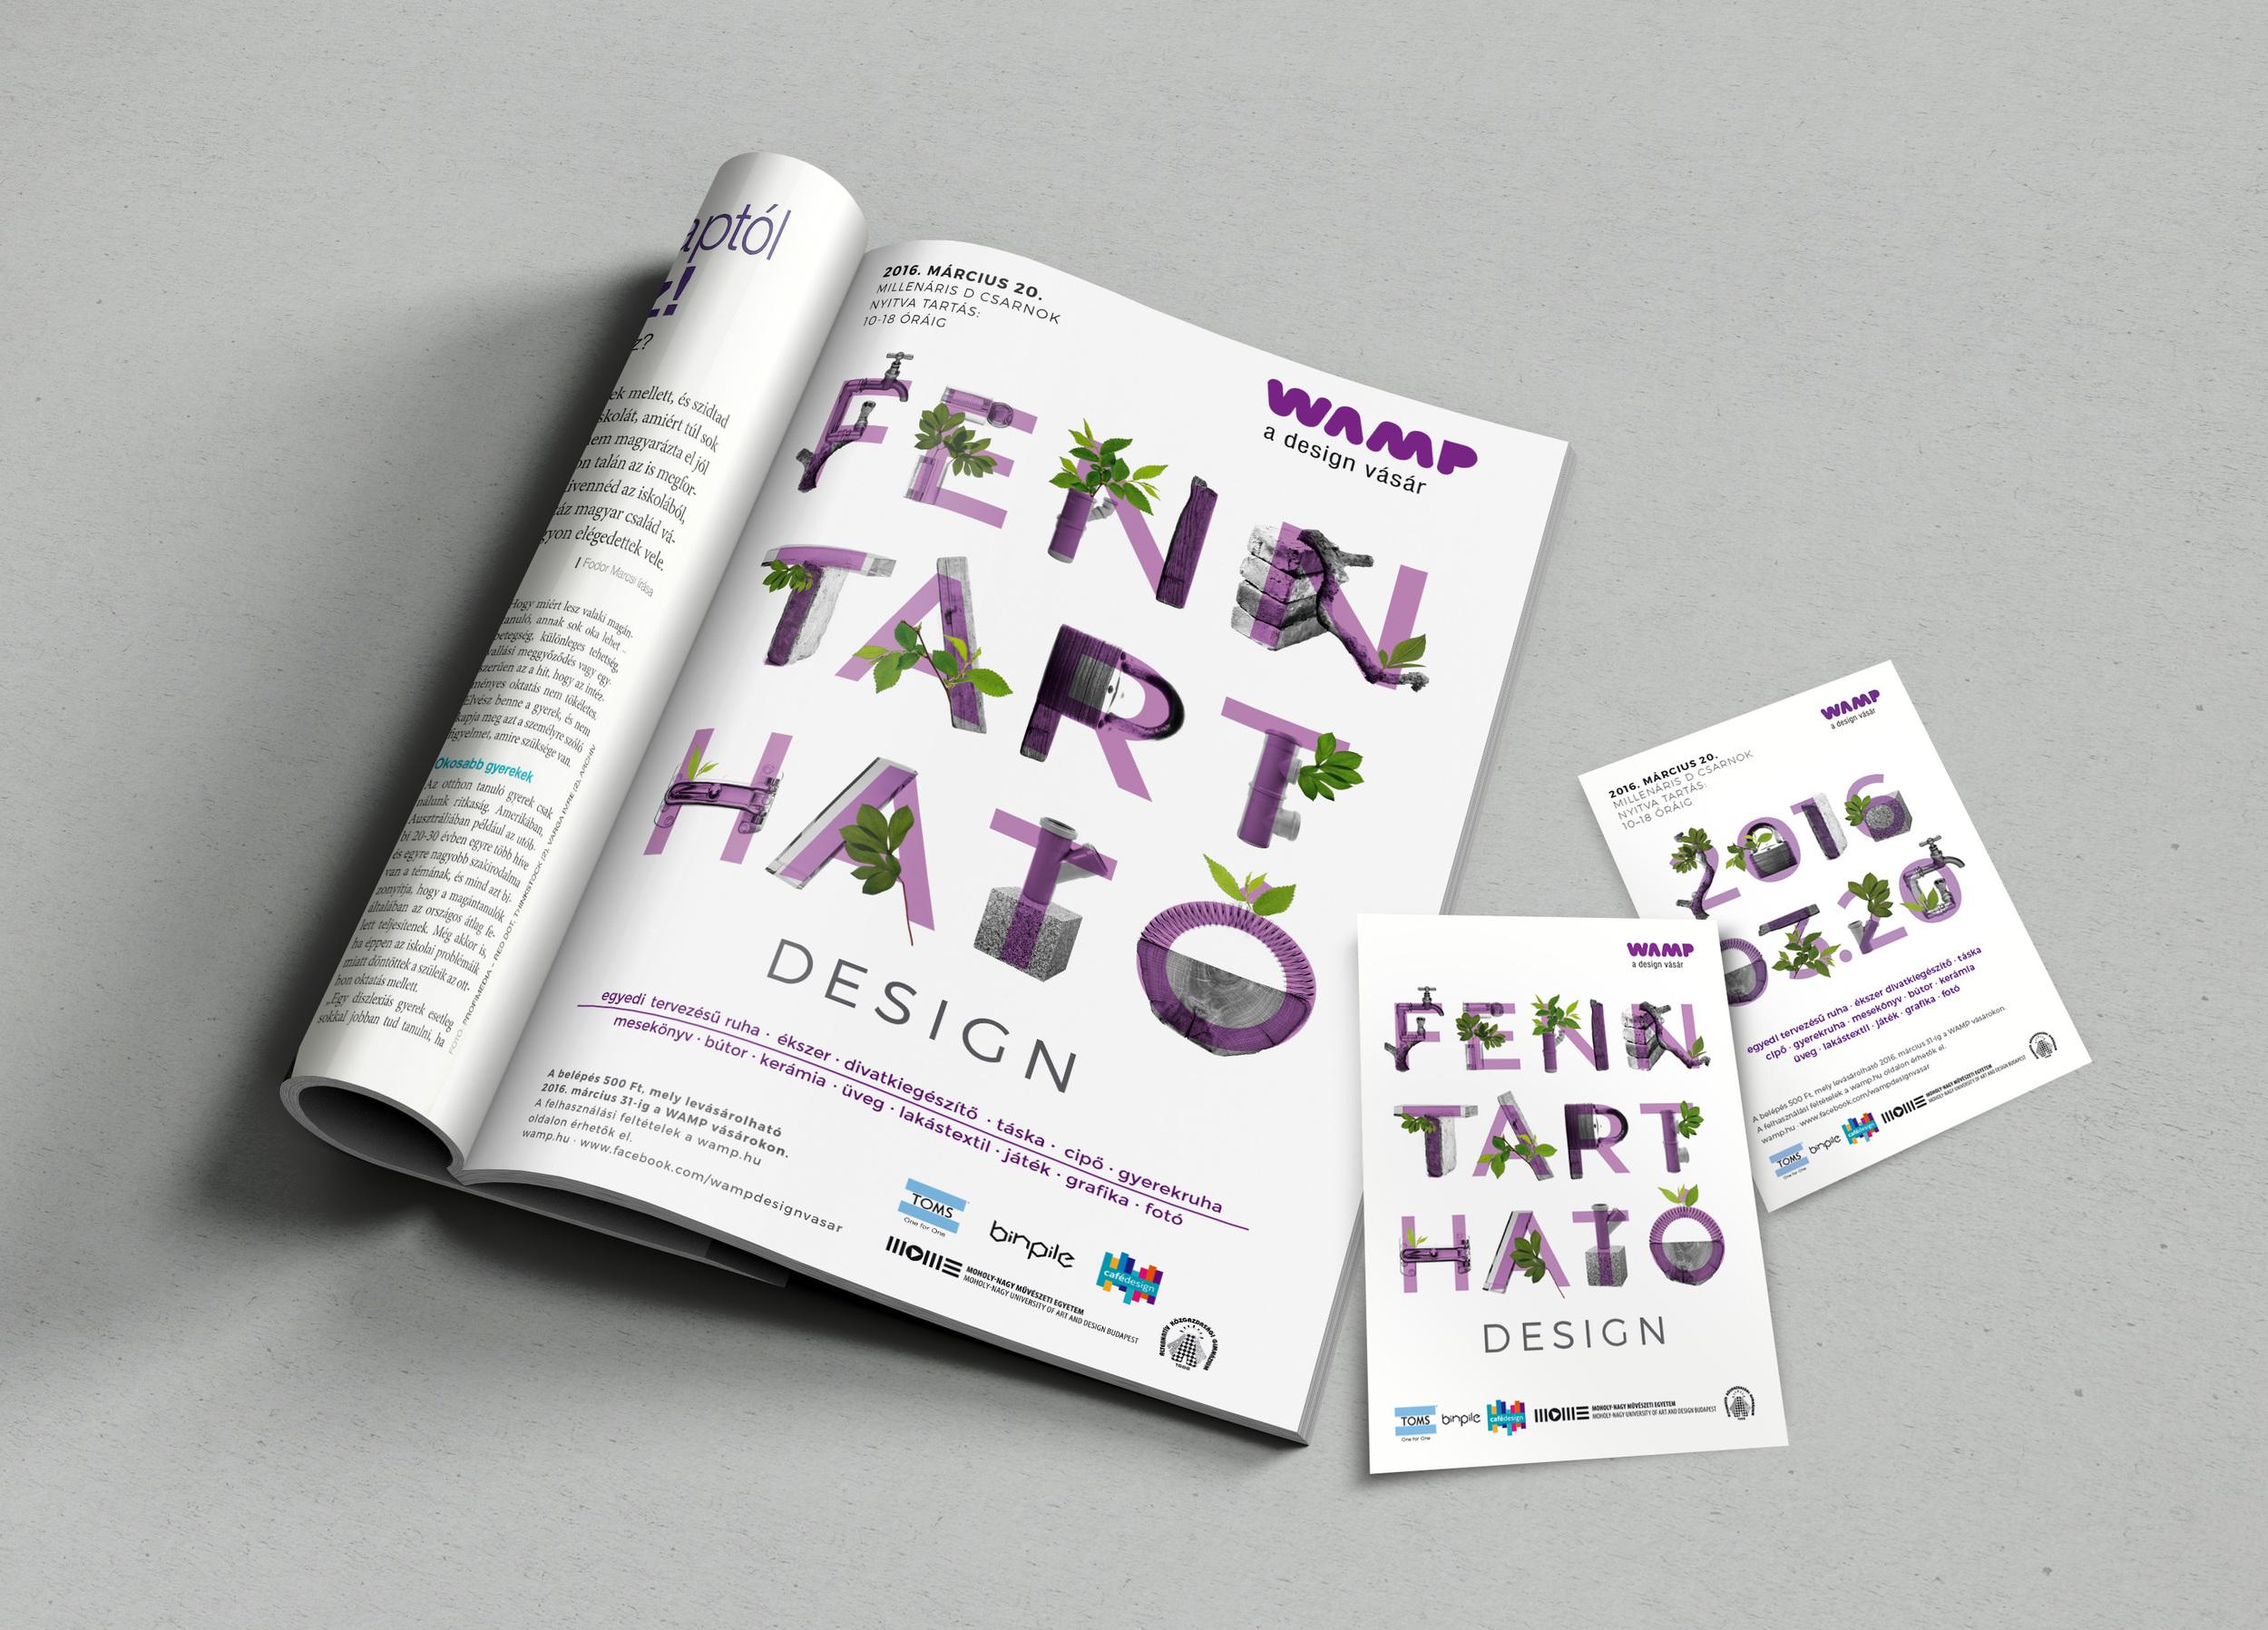 WAMP plakát és sajtóhirdetés - Spring Design